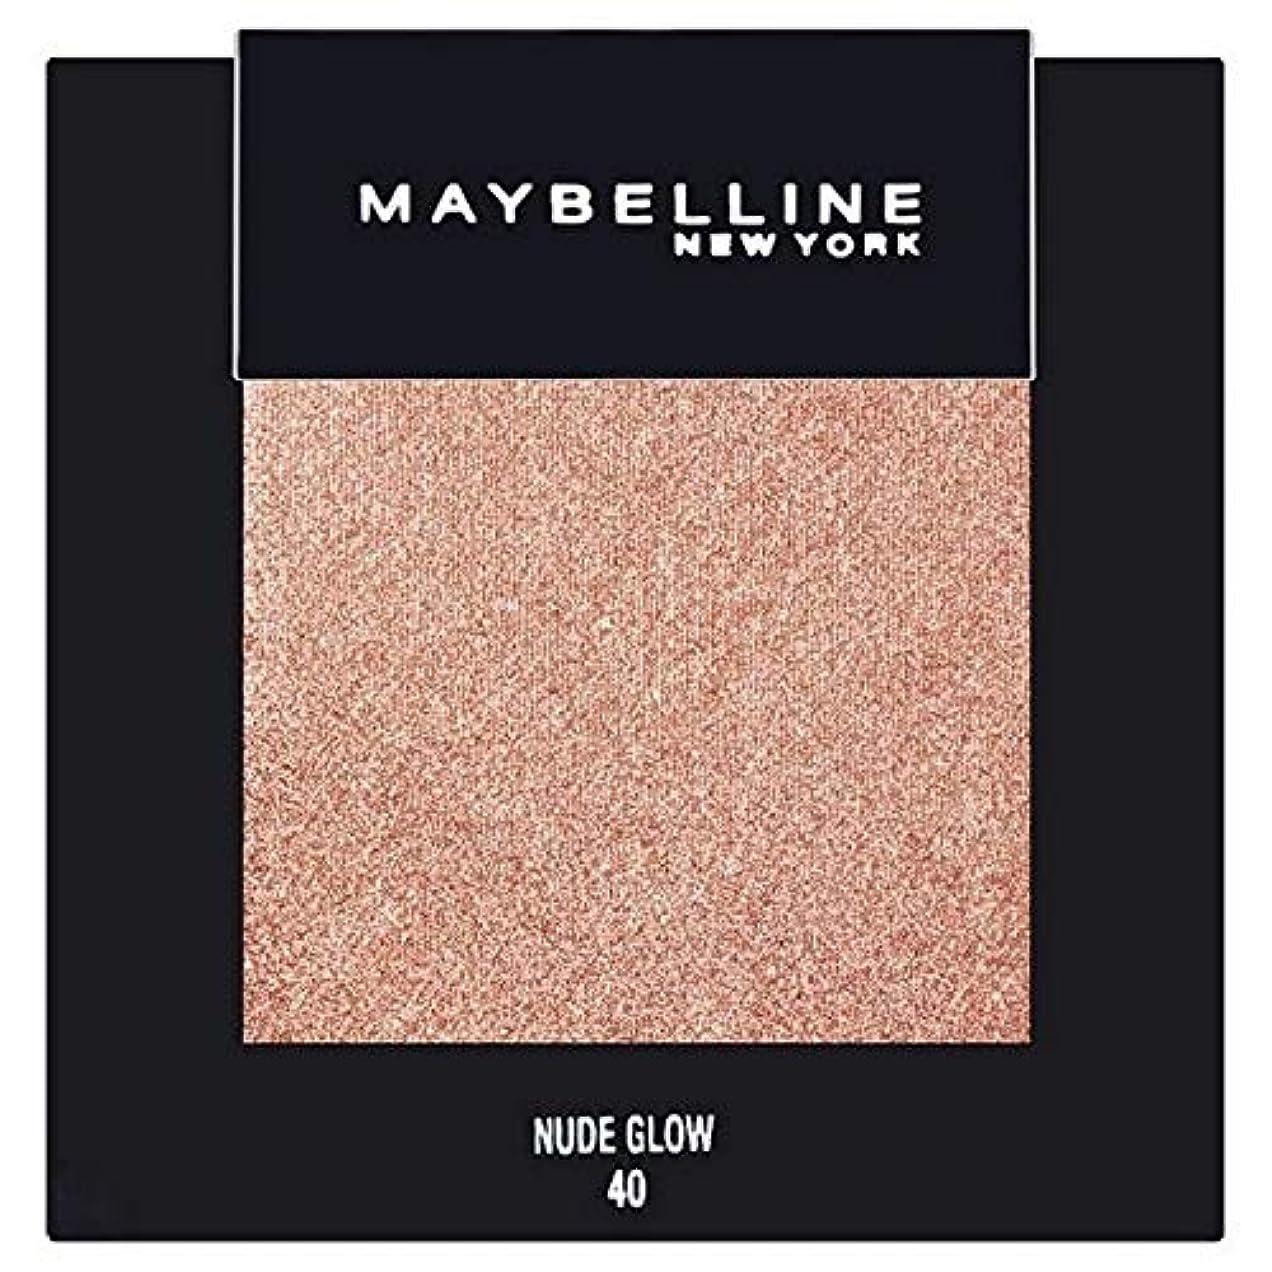 できない耐えられる取り替える[Maybelline ] メイベリンカラーショーシングルアイシャドウ40ヌードグロー - Maybelline Color Show Single Eyeshadow 40 Nude Glow [並行輸入品]